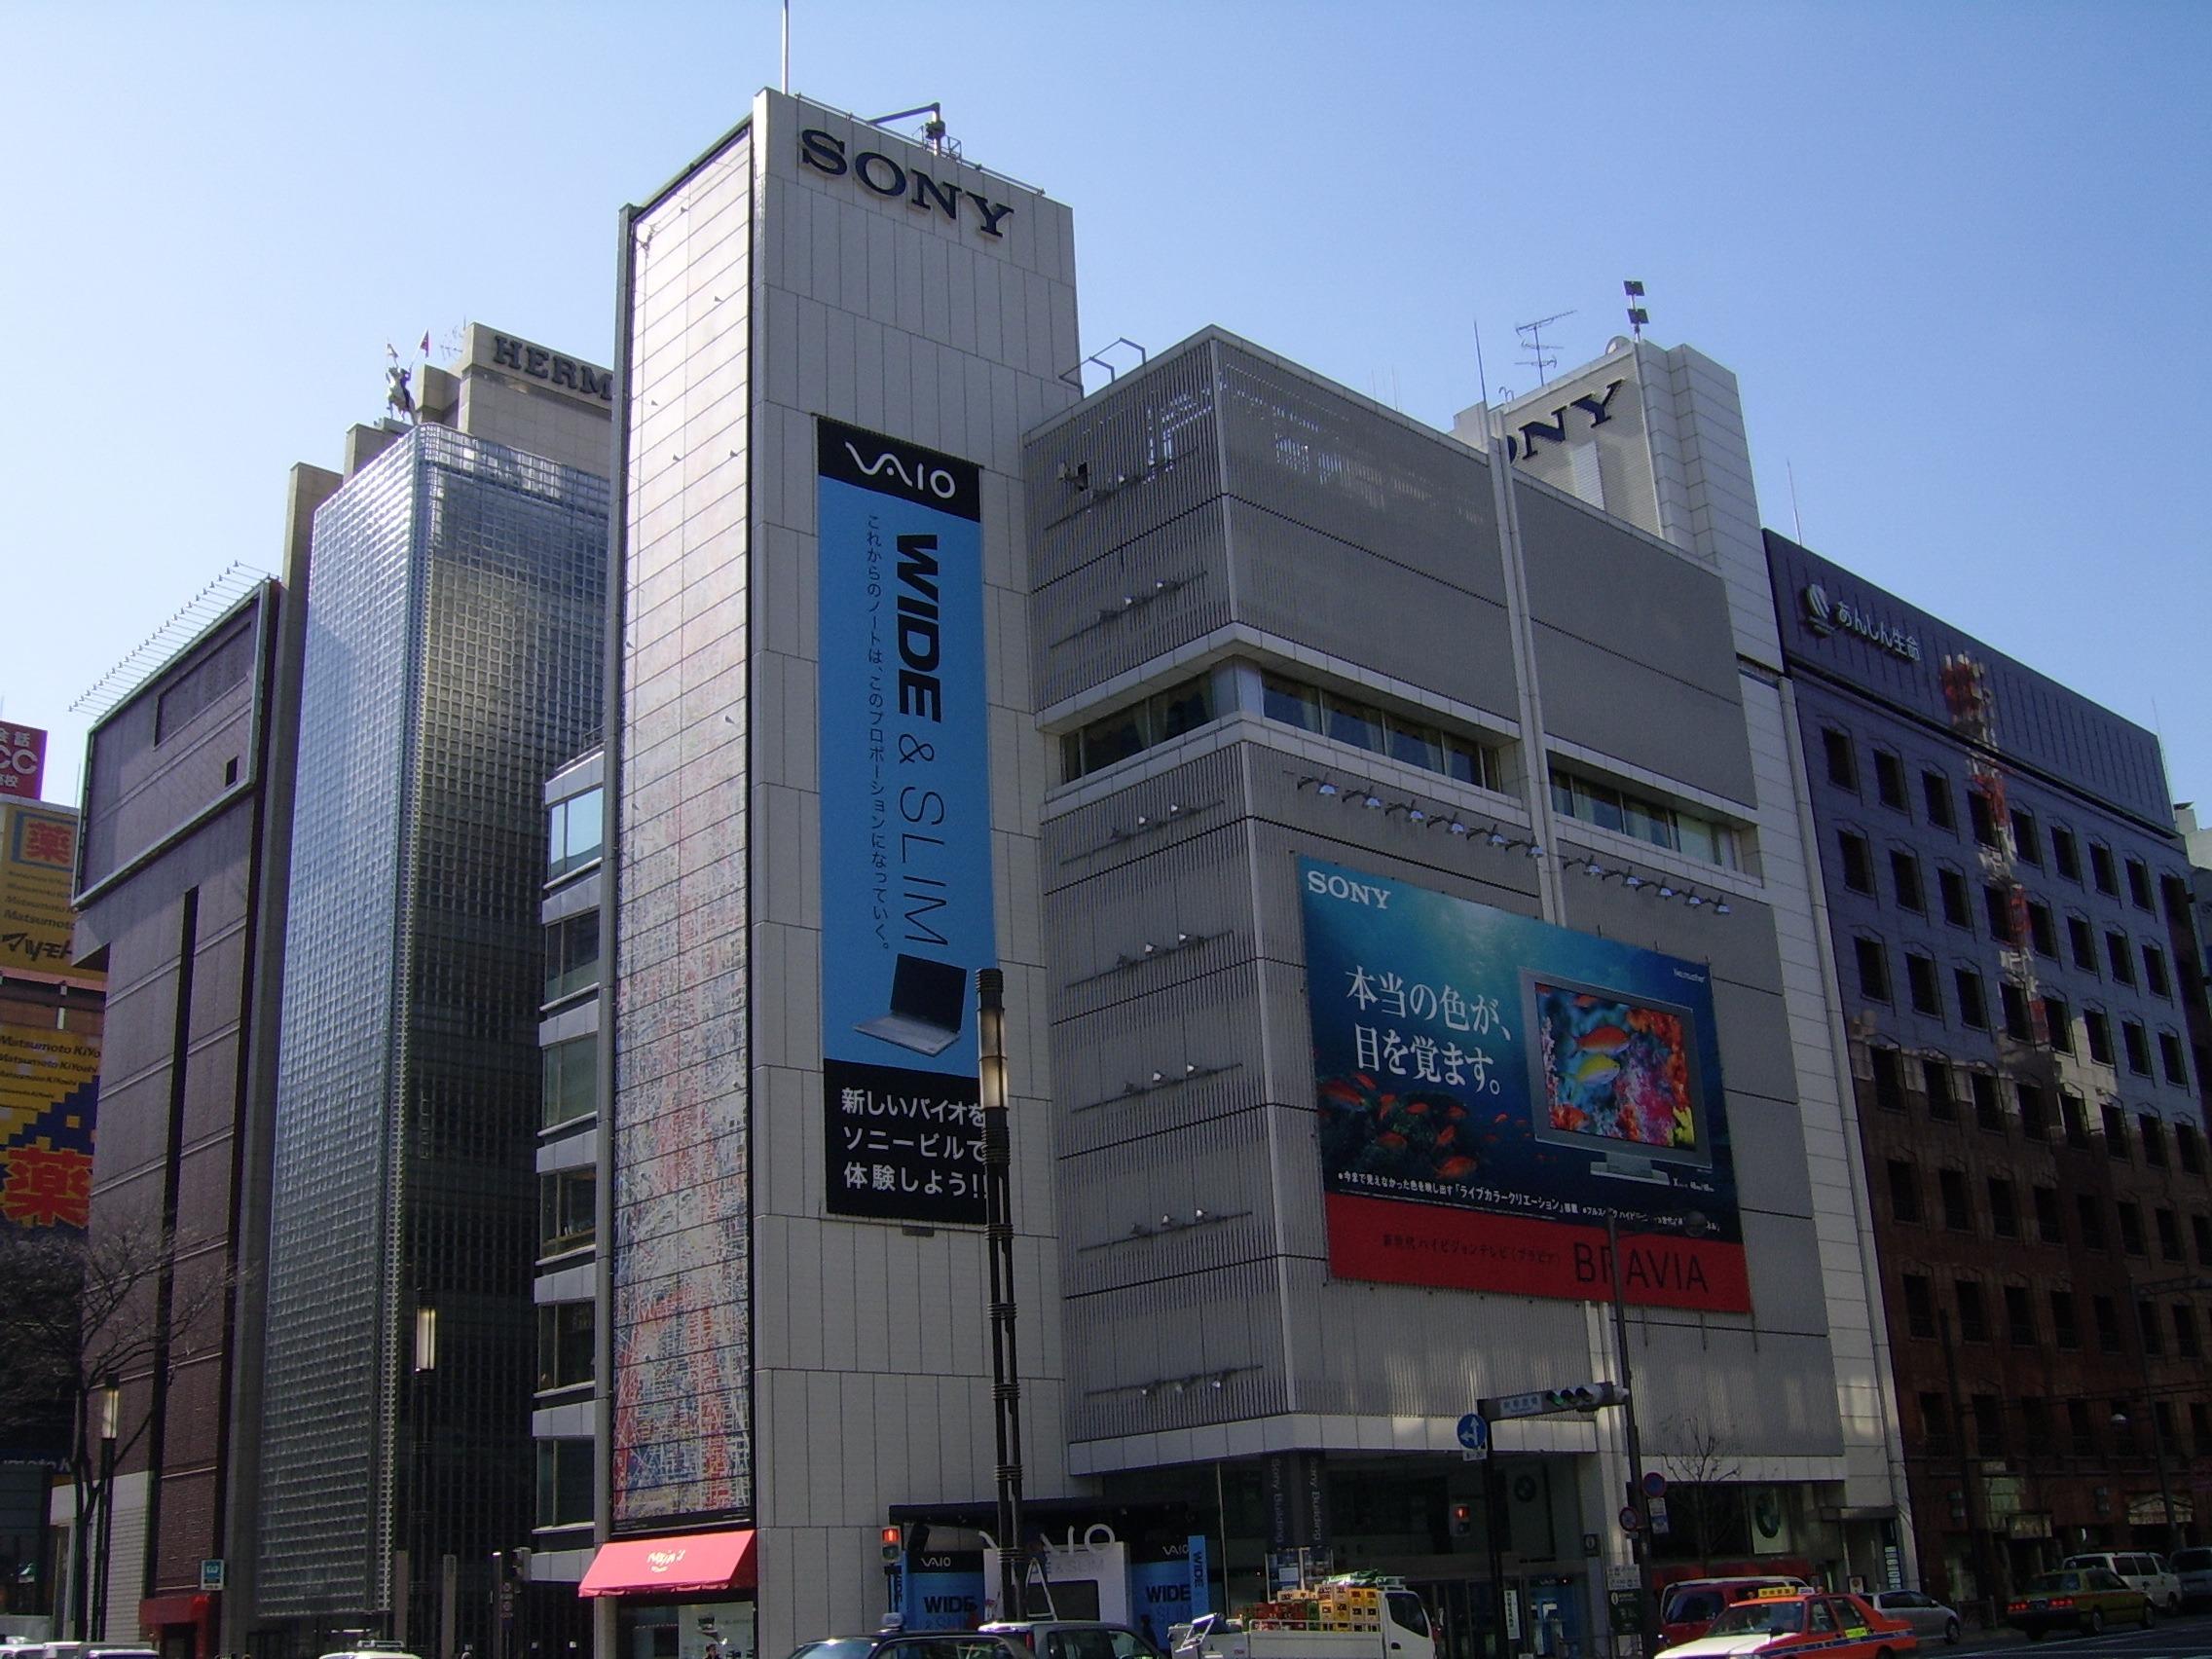 Японские производители аккумуляторов были оштрафованы на 166 миллионов евро